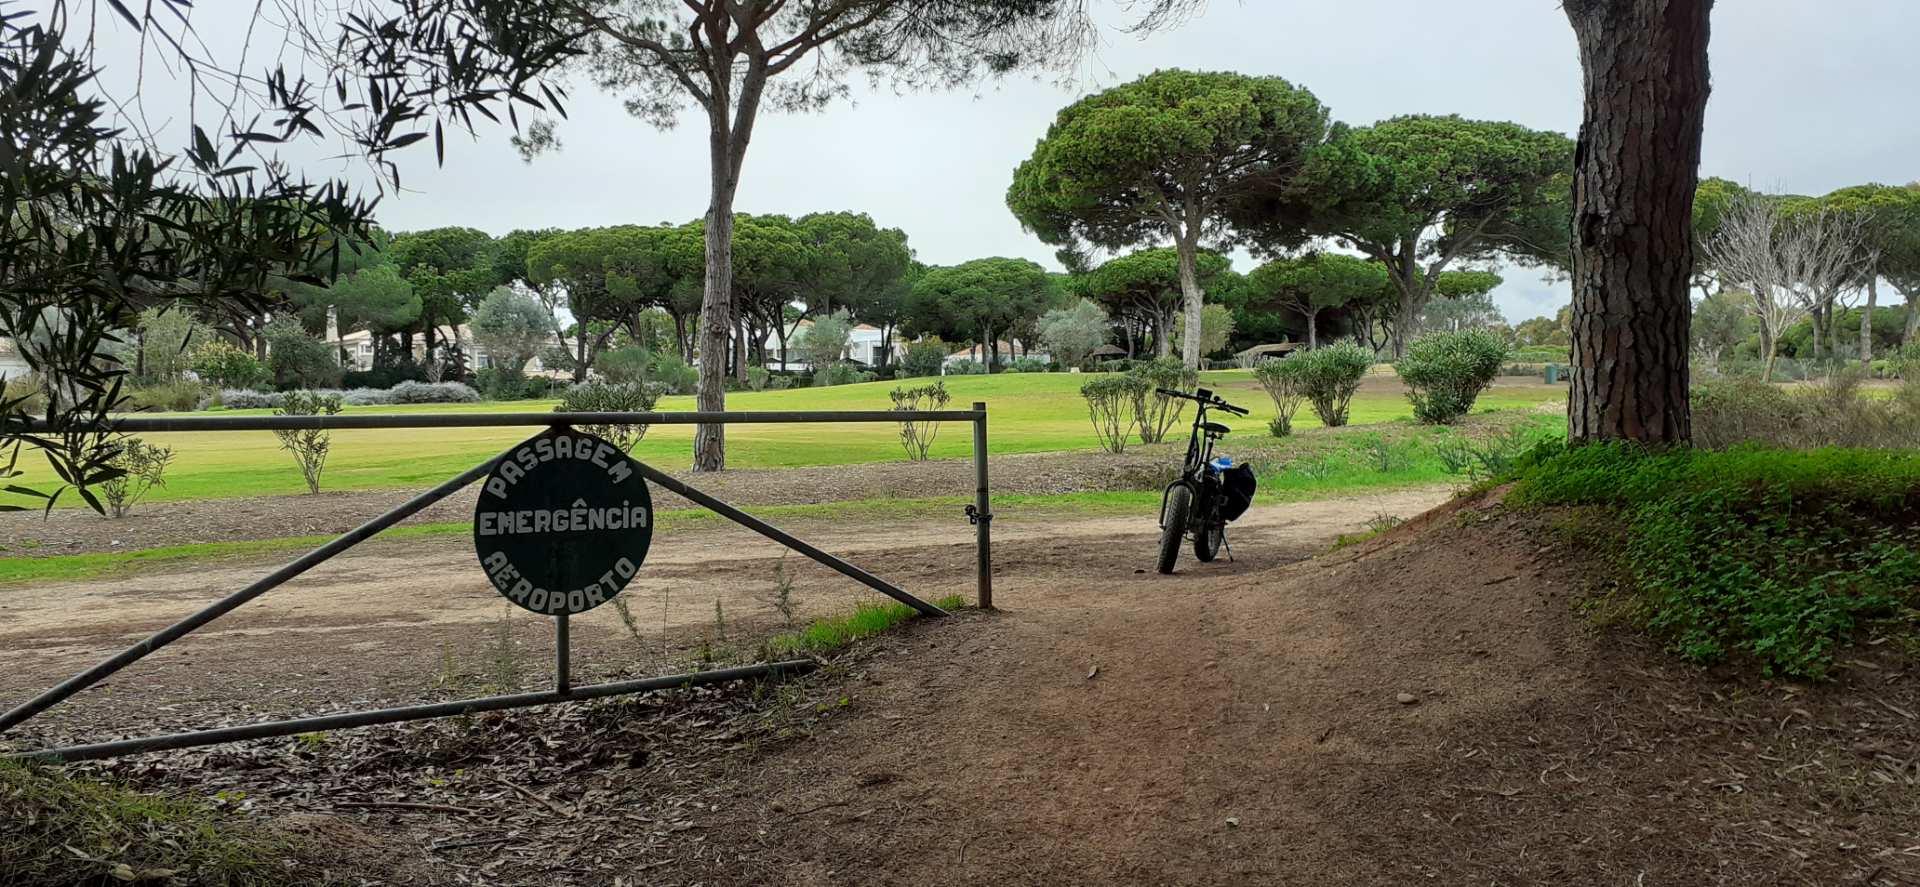 São Lourenço golf